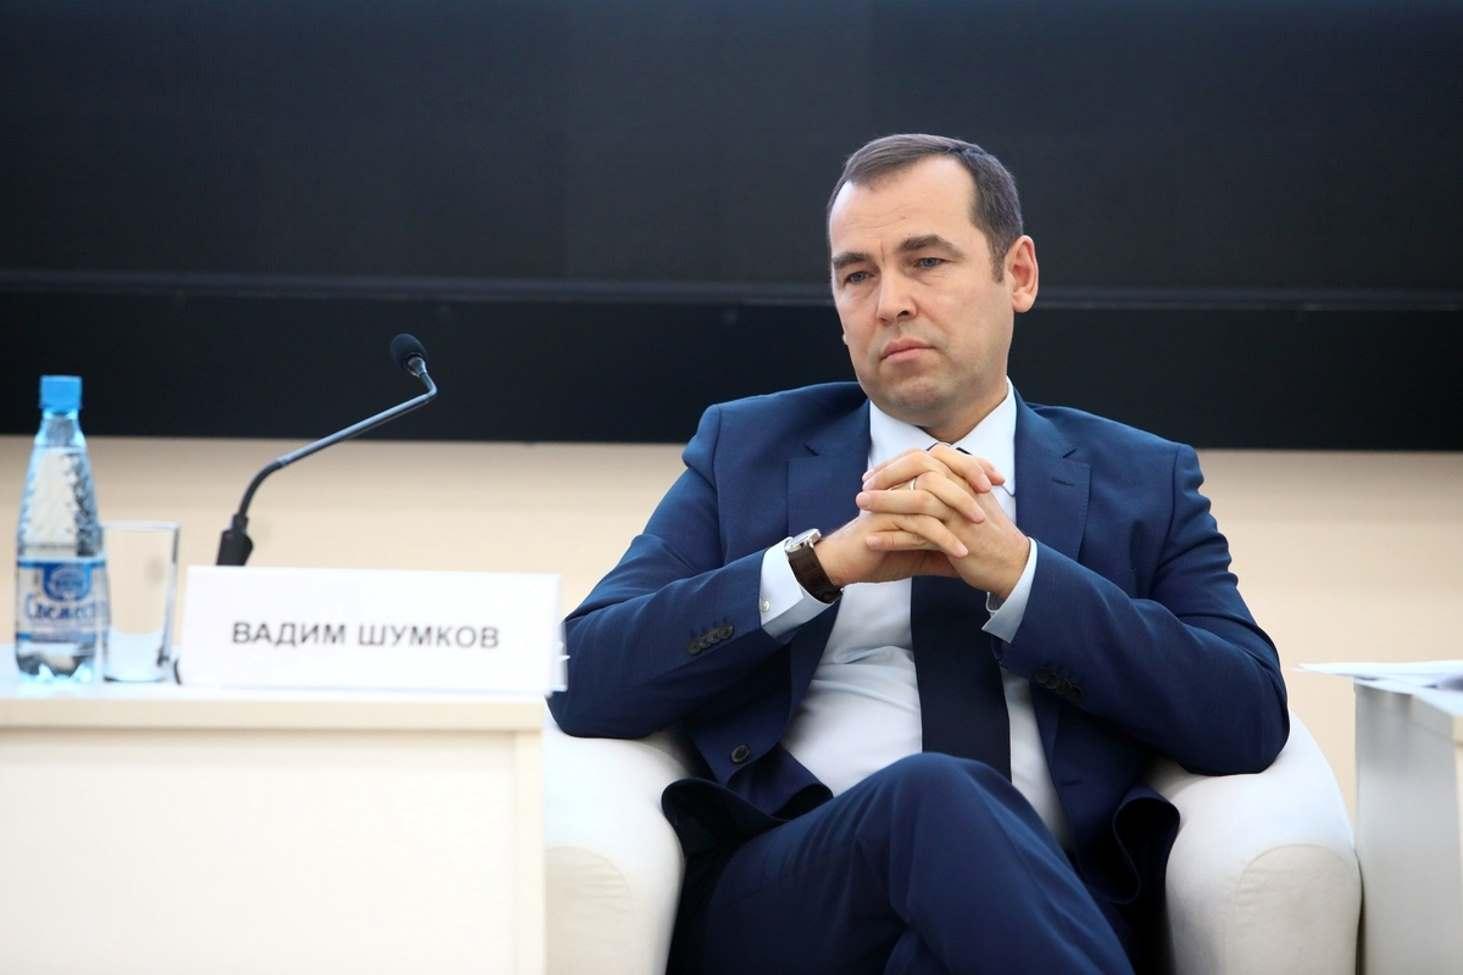 gubernator-kurganskoj-oblasti-kto-budet-uchitsya-na-4-i-5-budut-rabotat-uchitelyami-a-troechniki-pojdut-v-gubernatory-i-v-administratsiyu-rabotat